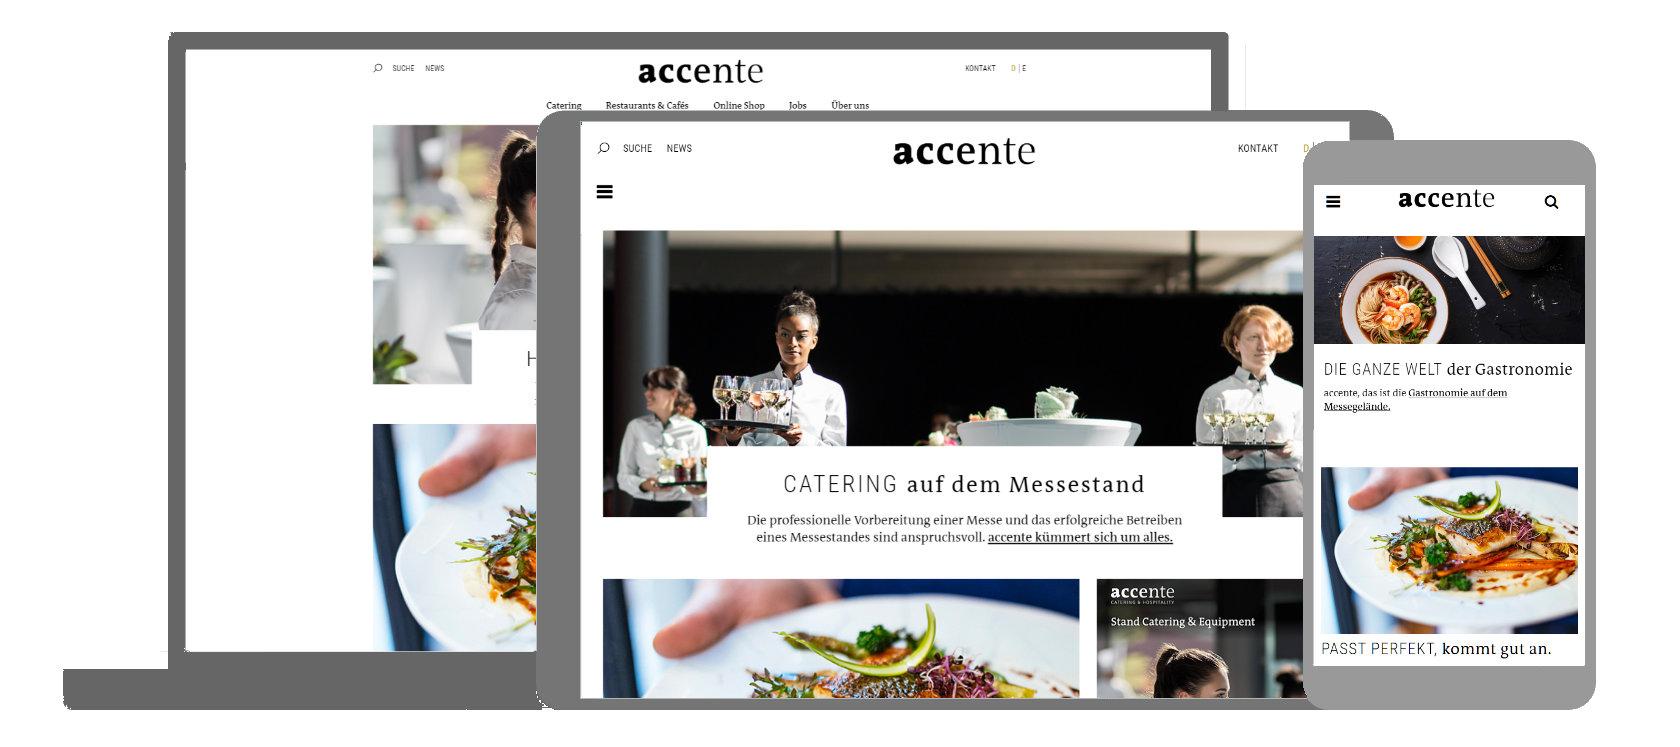 Accente Gastronomie Service GmbH